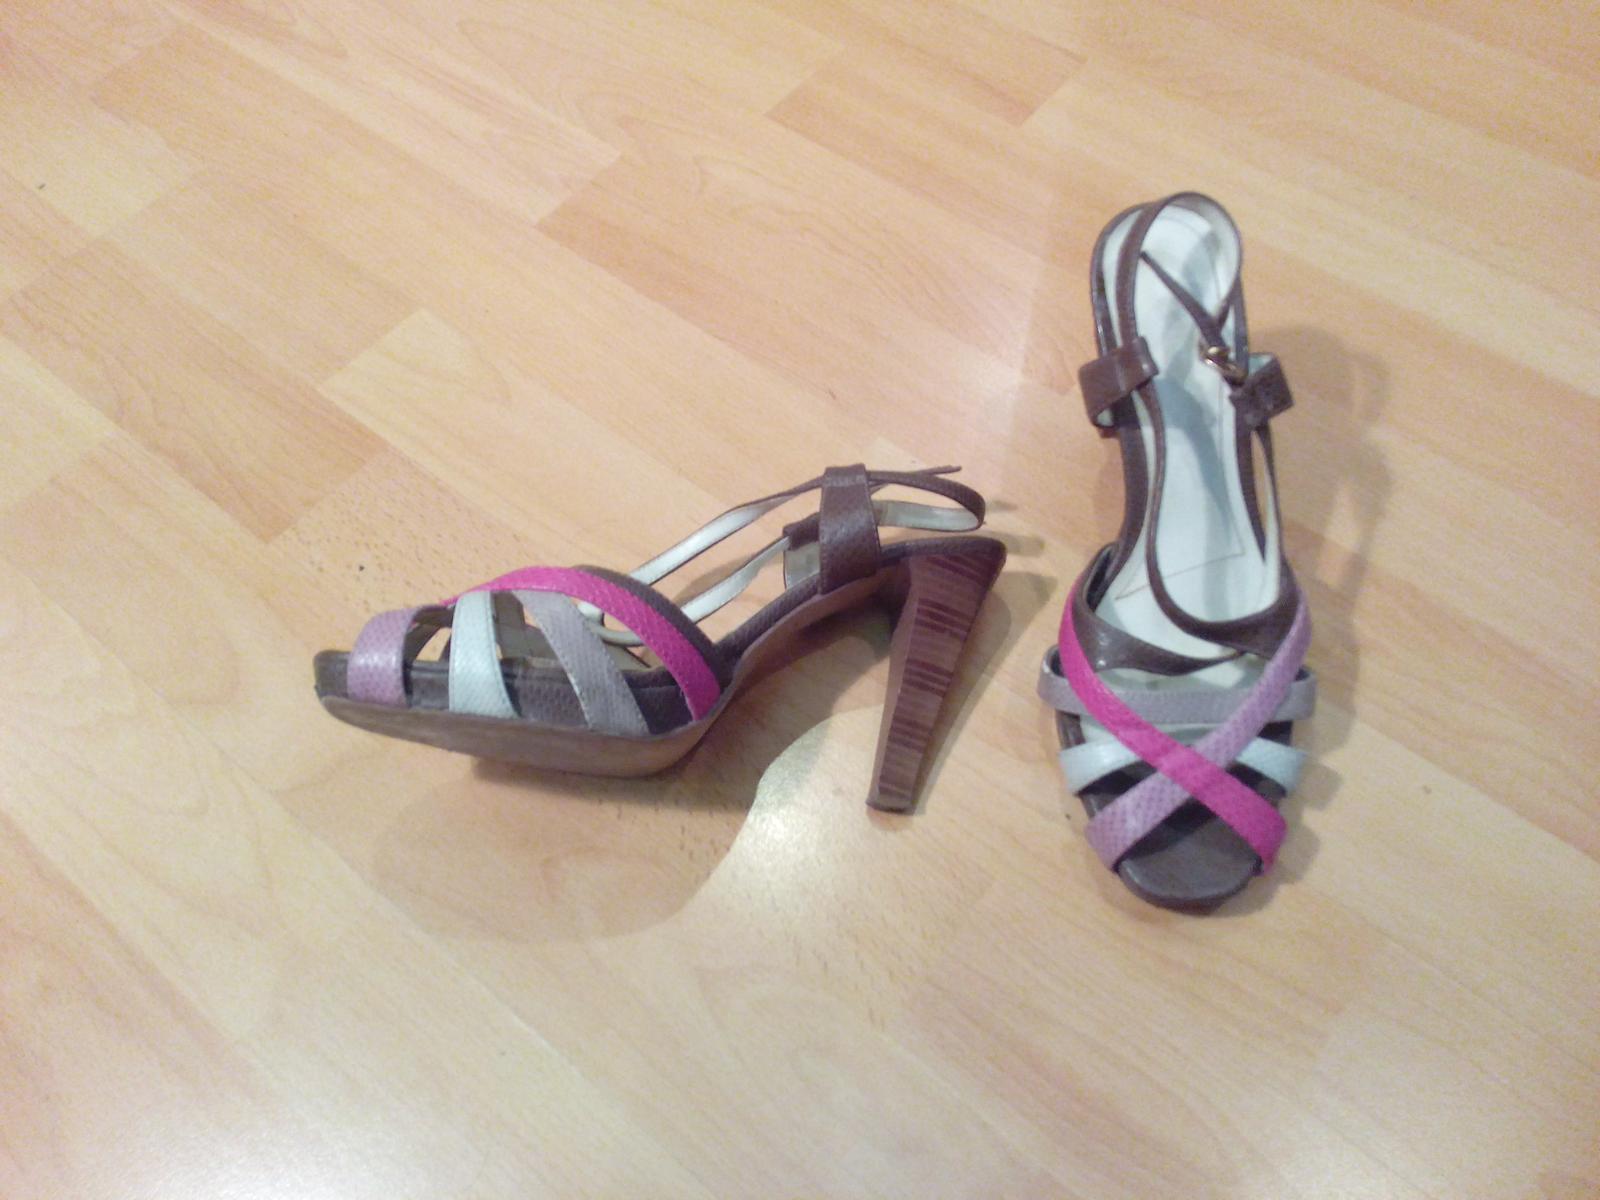 farebne sandale - Obrázok č. 2